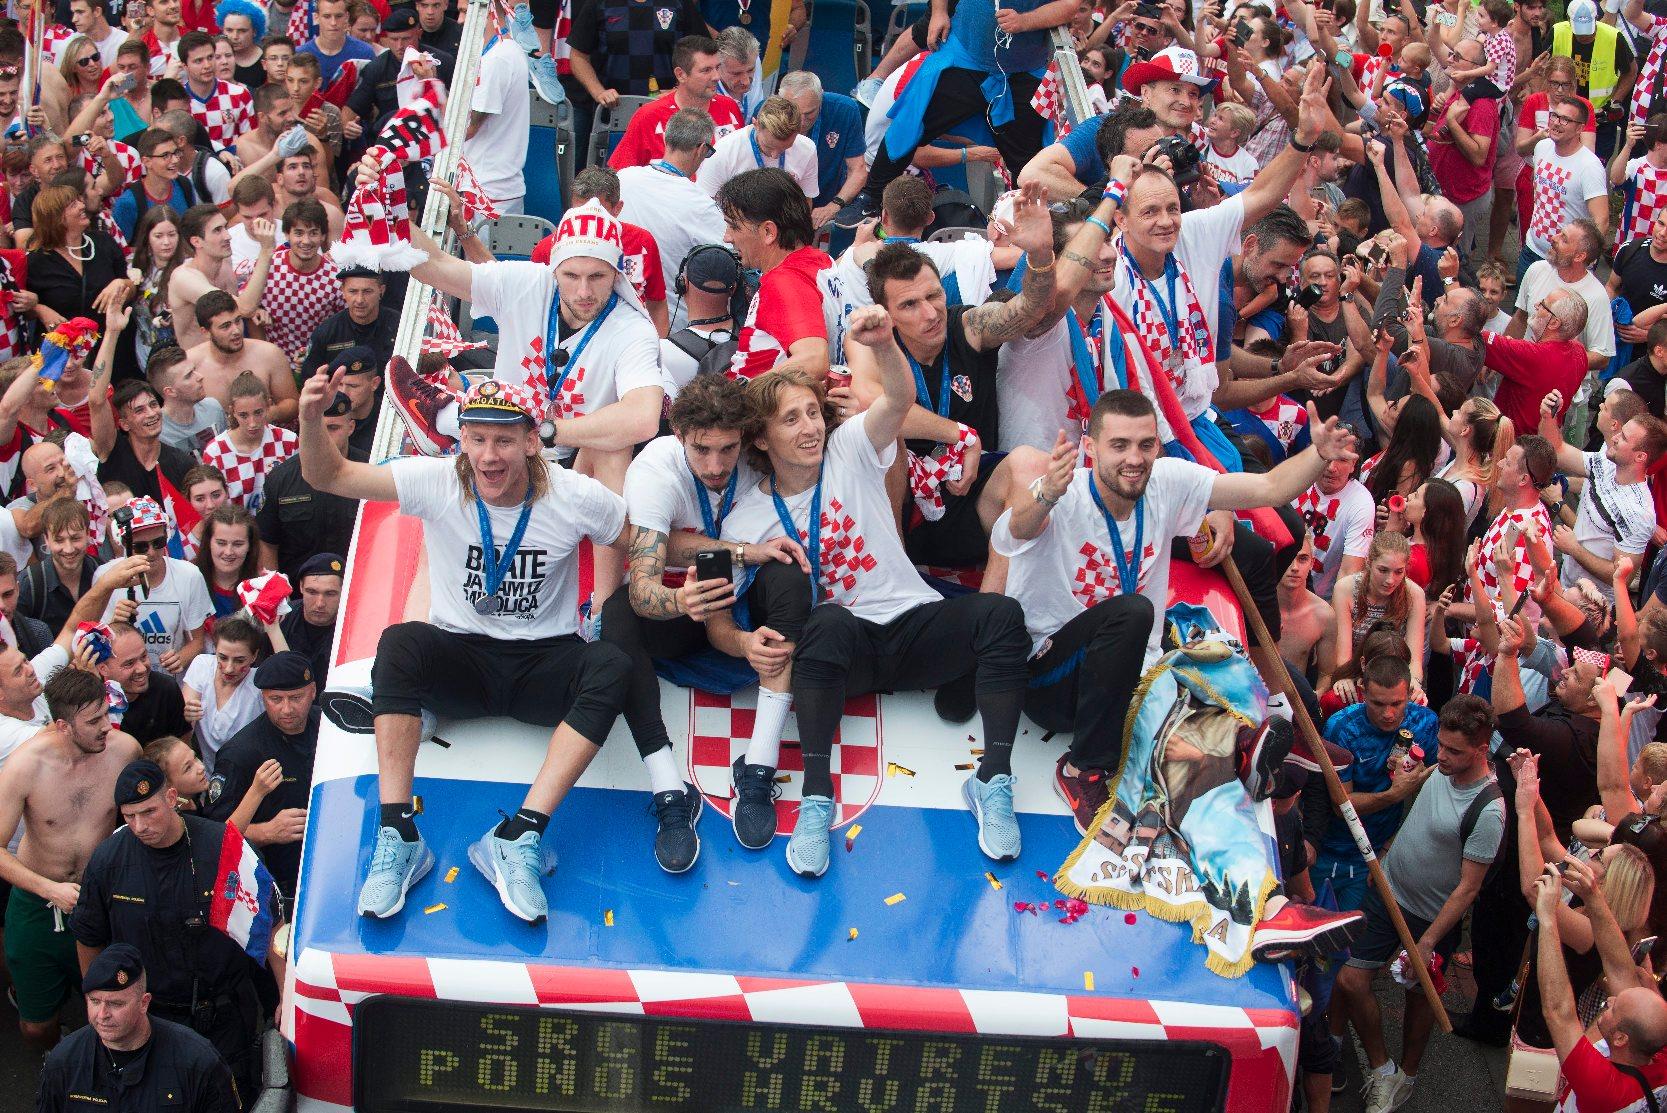 Zagreb, 160718. Savska cesta. Hrvatska nogometna reprezentacija vraca se sa Svjetskog nogometnog prvenstva iz Rusije. Na fotografiji:  nogometasi pozdravljaju okupljene. Foto: Zeljko Grgic / CROPIX